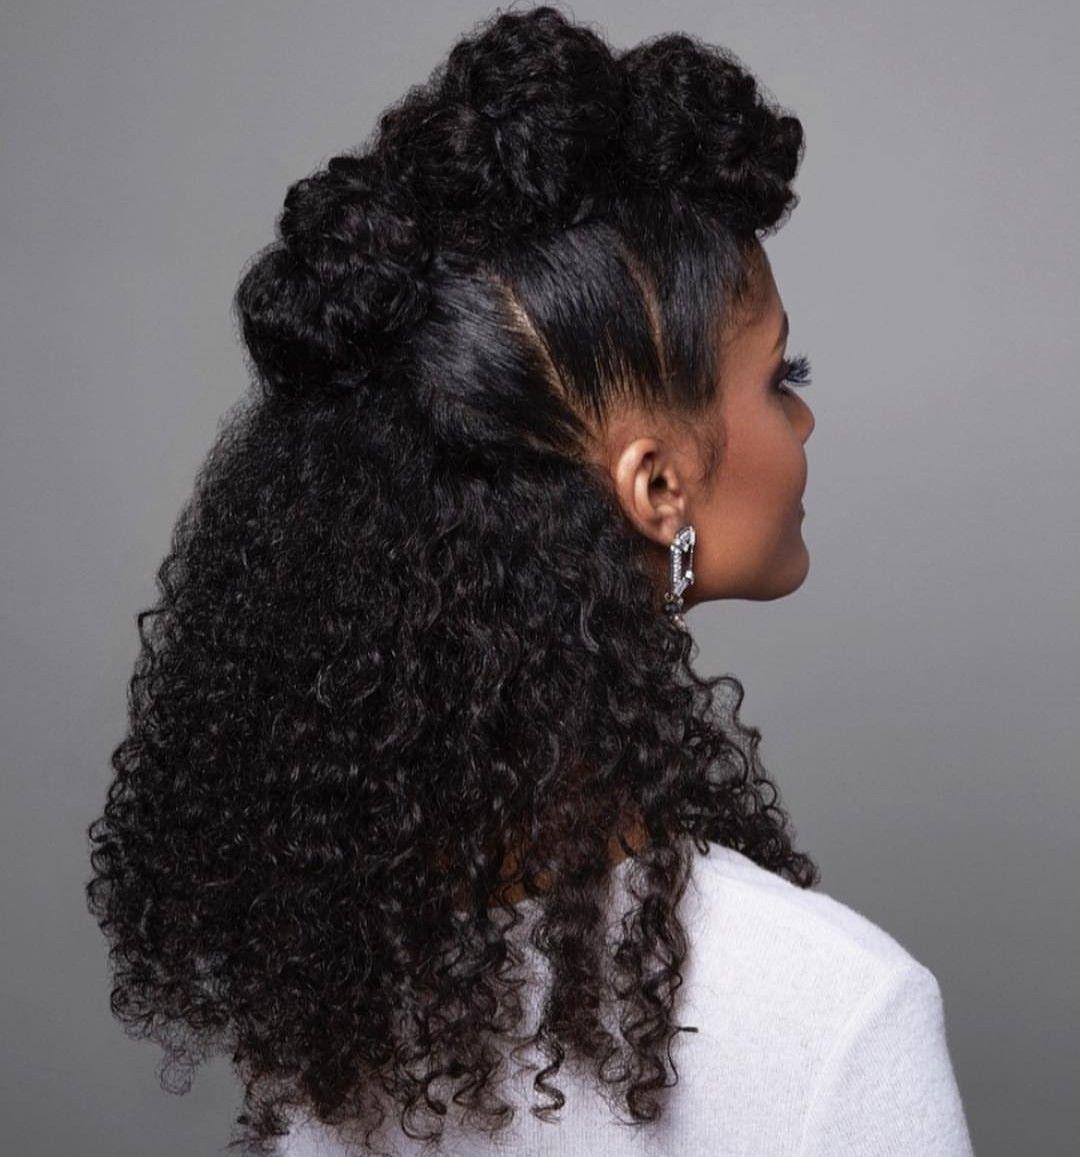 Hairinspiration Curlyhair Naturalhair Fauxhawk Summerhairstyles Longhair Hair Curly Hair Styles Hair Styles Natural Hair Styles